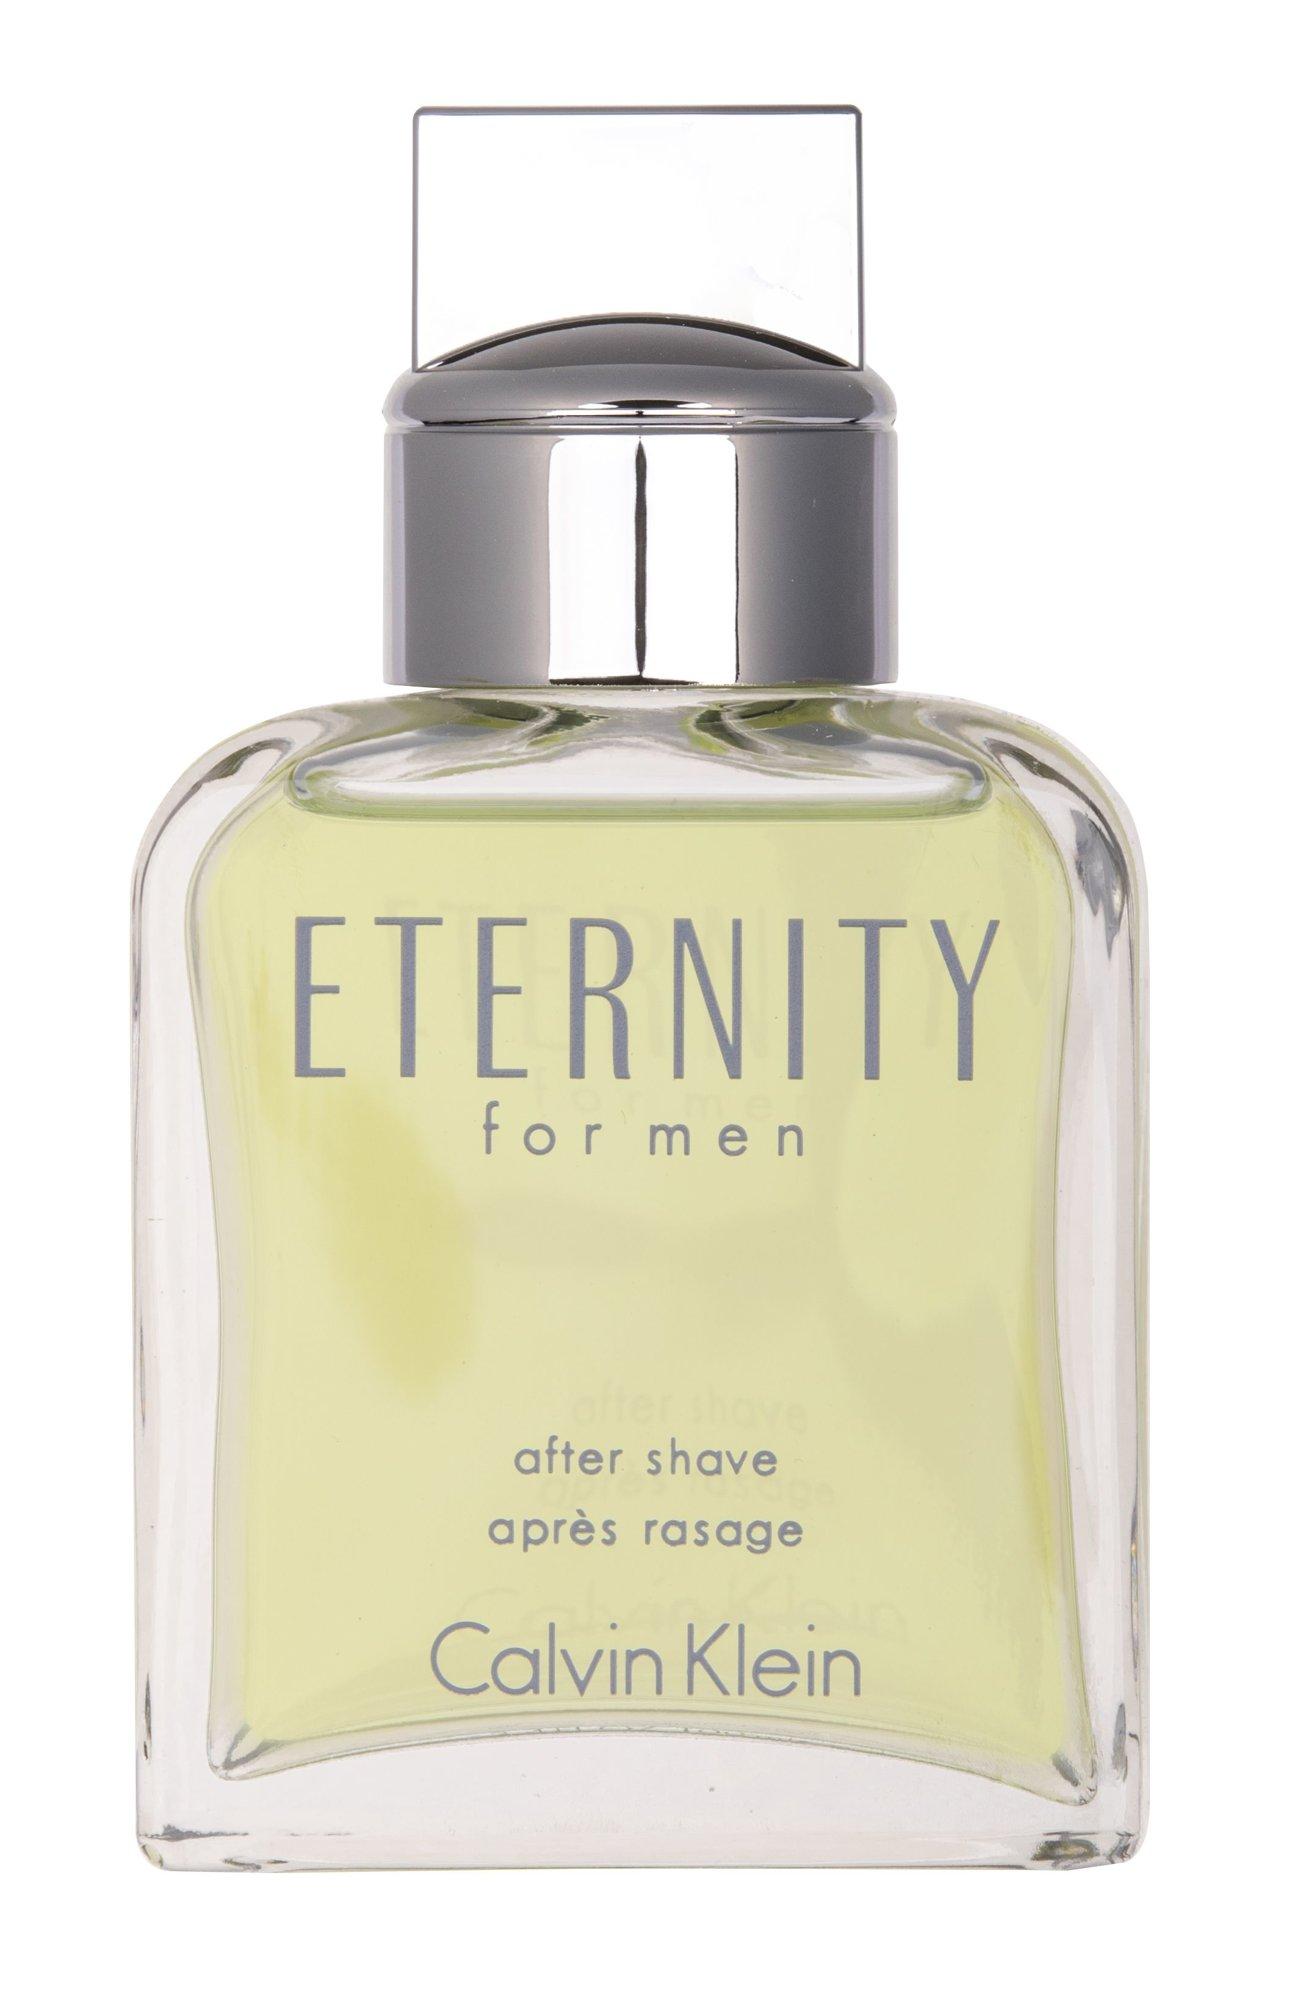 Calvin Klein Eternity Aftershave 100ml